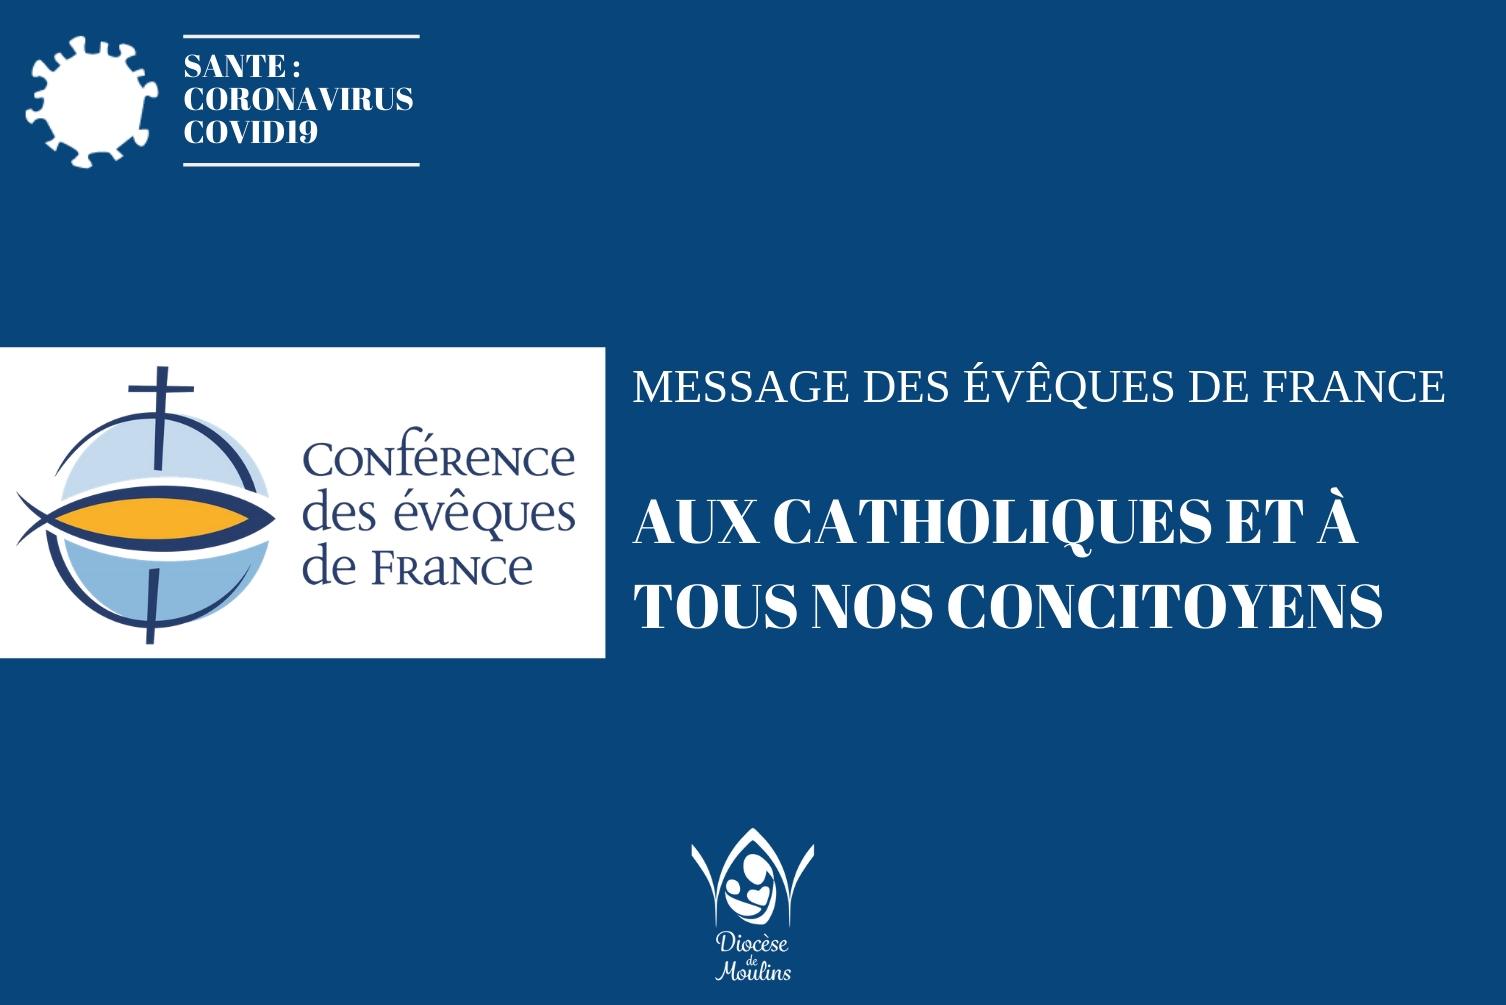 Covid-19 : A l'appel des évêques de France